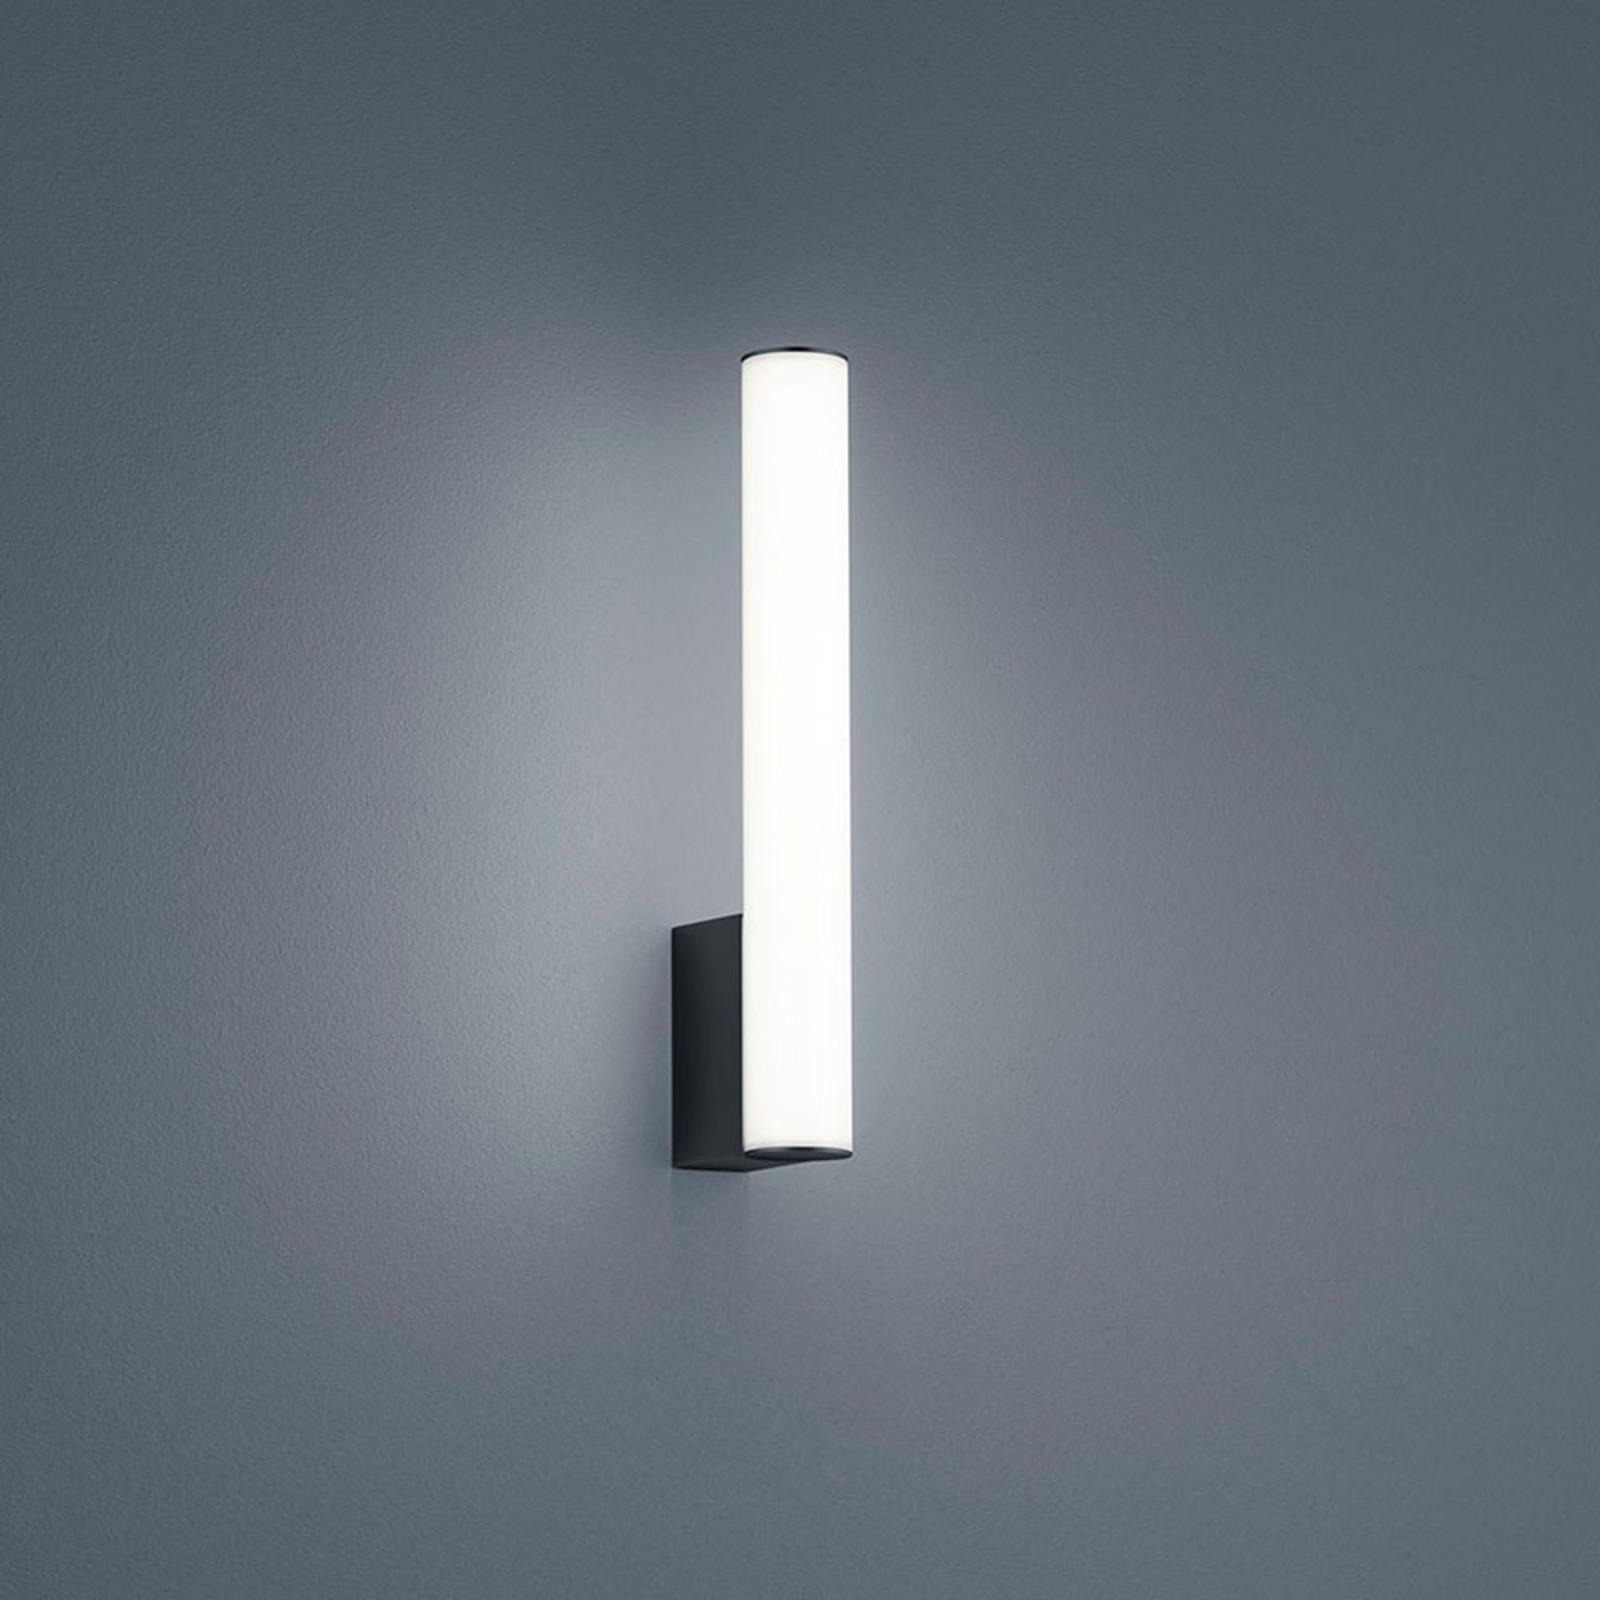 Helestra Loom LED-spegellampa svart 30 cm